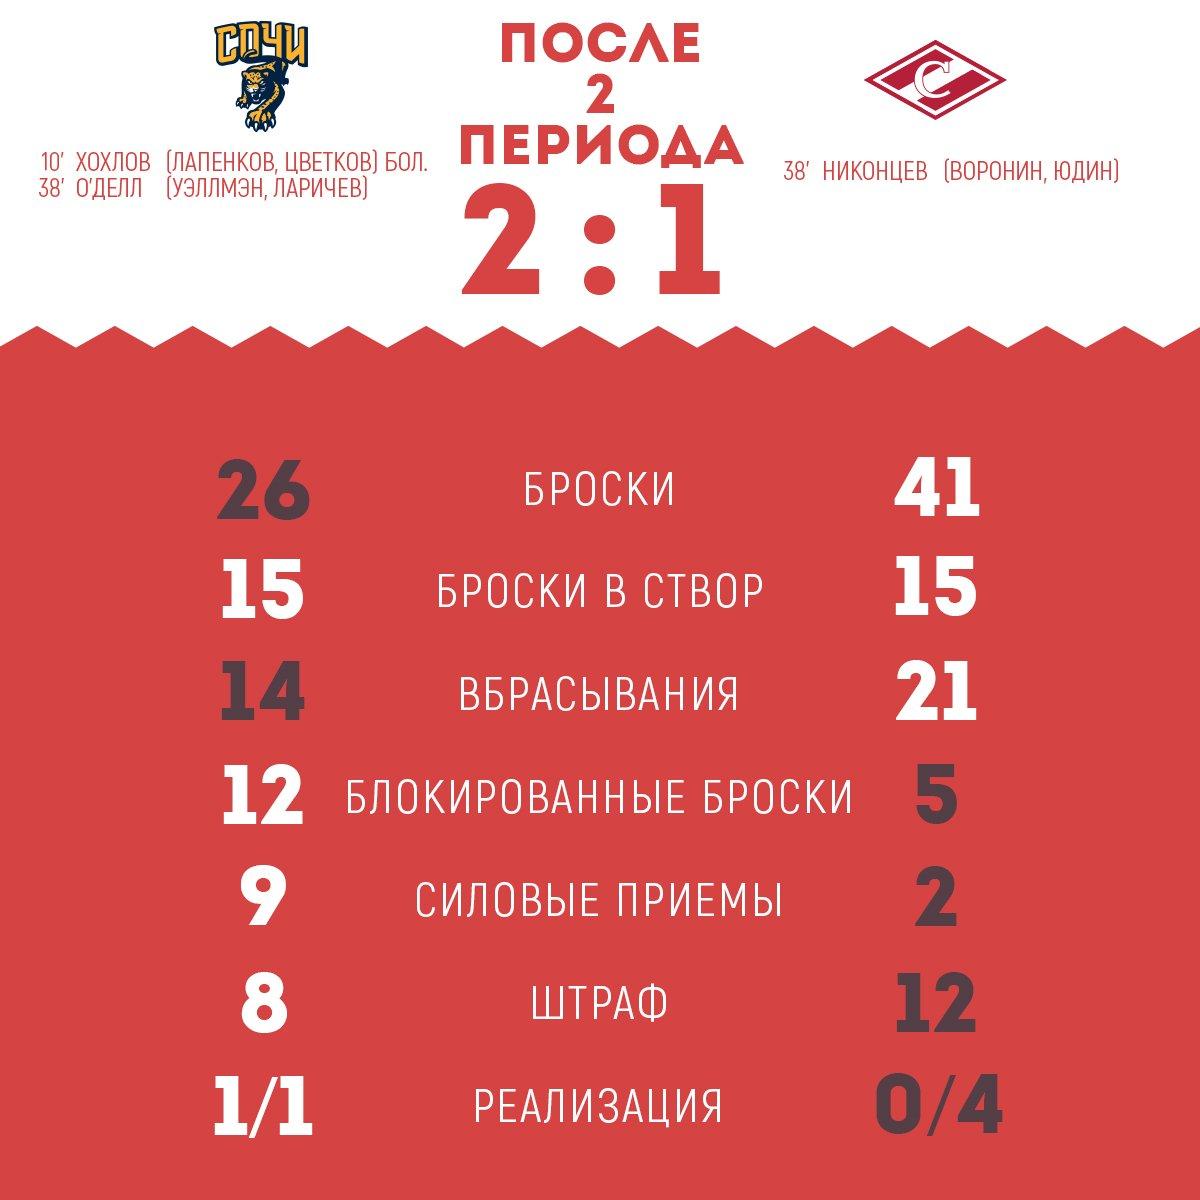 Статистика матча «Сочи» vs «Спартак» после 2-х периодов.